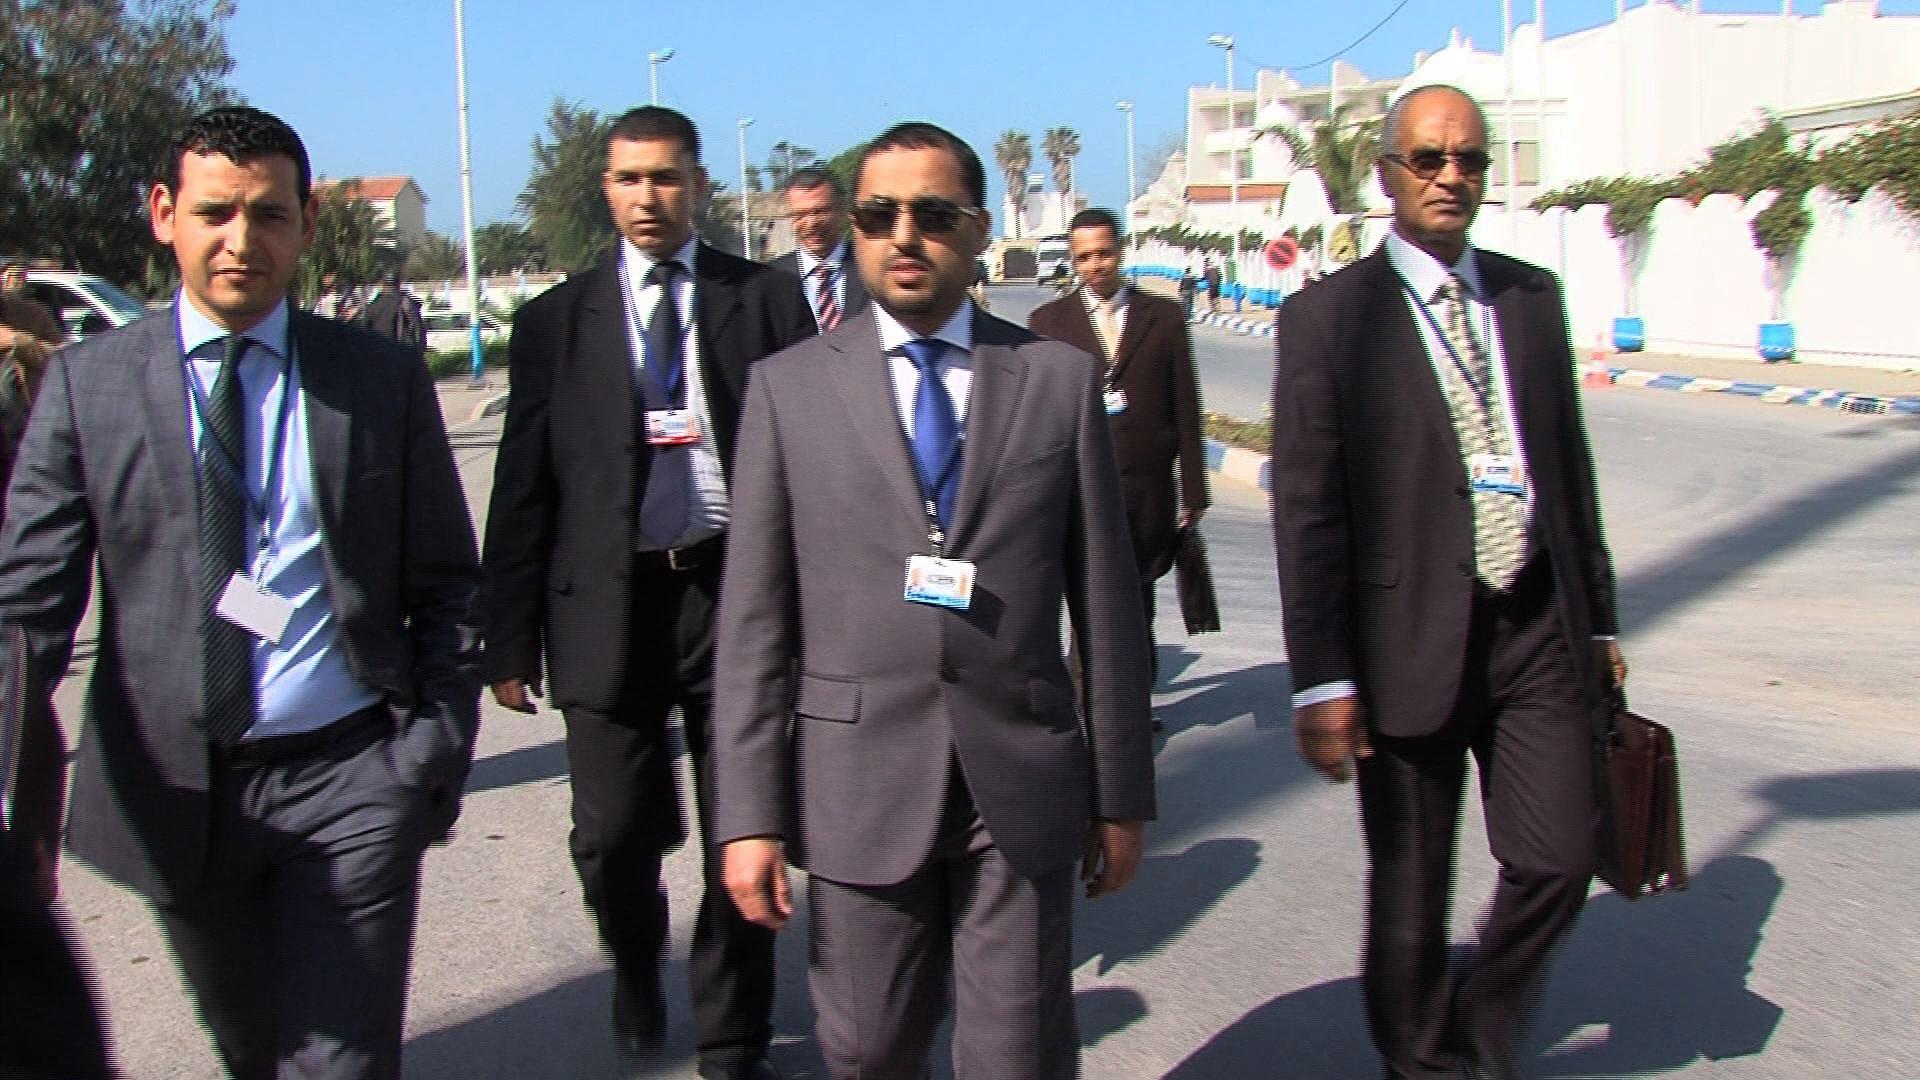 الوطنية لحقوق الأنسان في ليبيا تصف اتفاق الصخيرات بالإستخفاف بعقول الليبيين